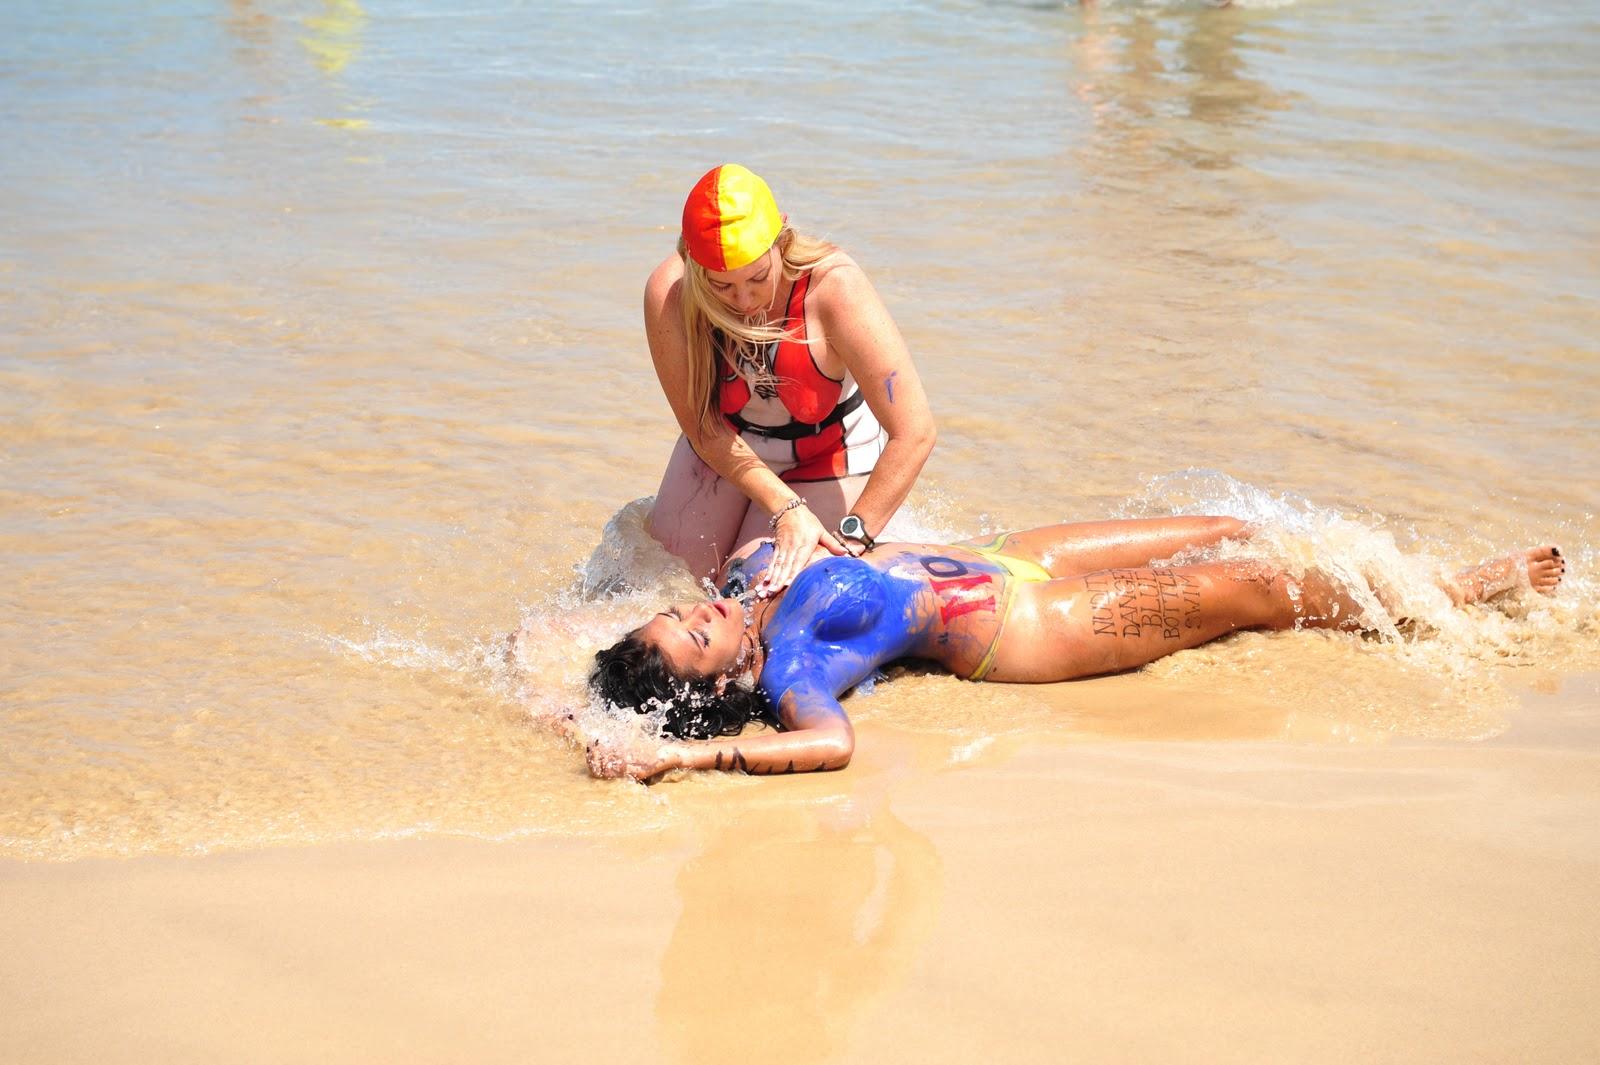 IMG_7753.JPG Bean Hollow SB, CA. Beach rescue. Frank Balthis ...